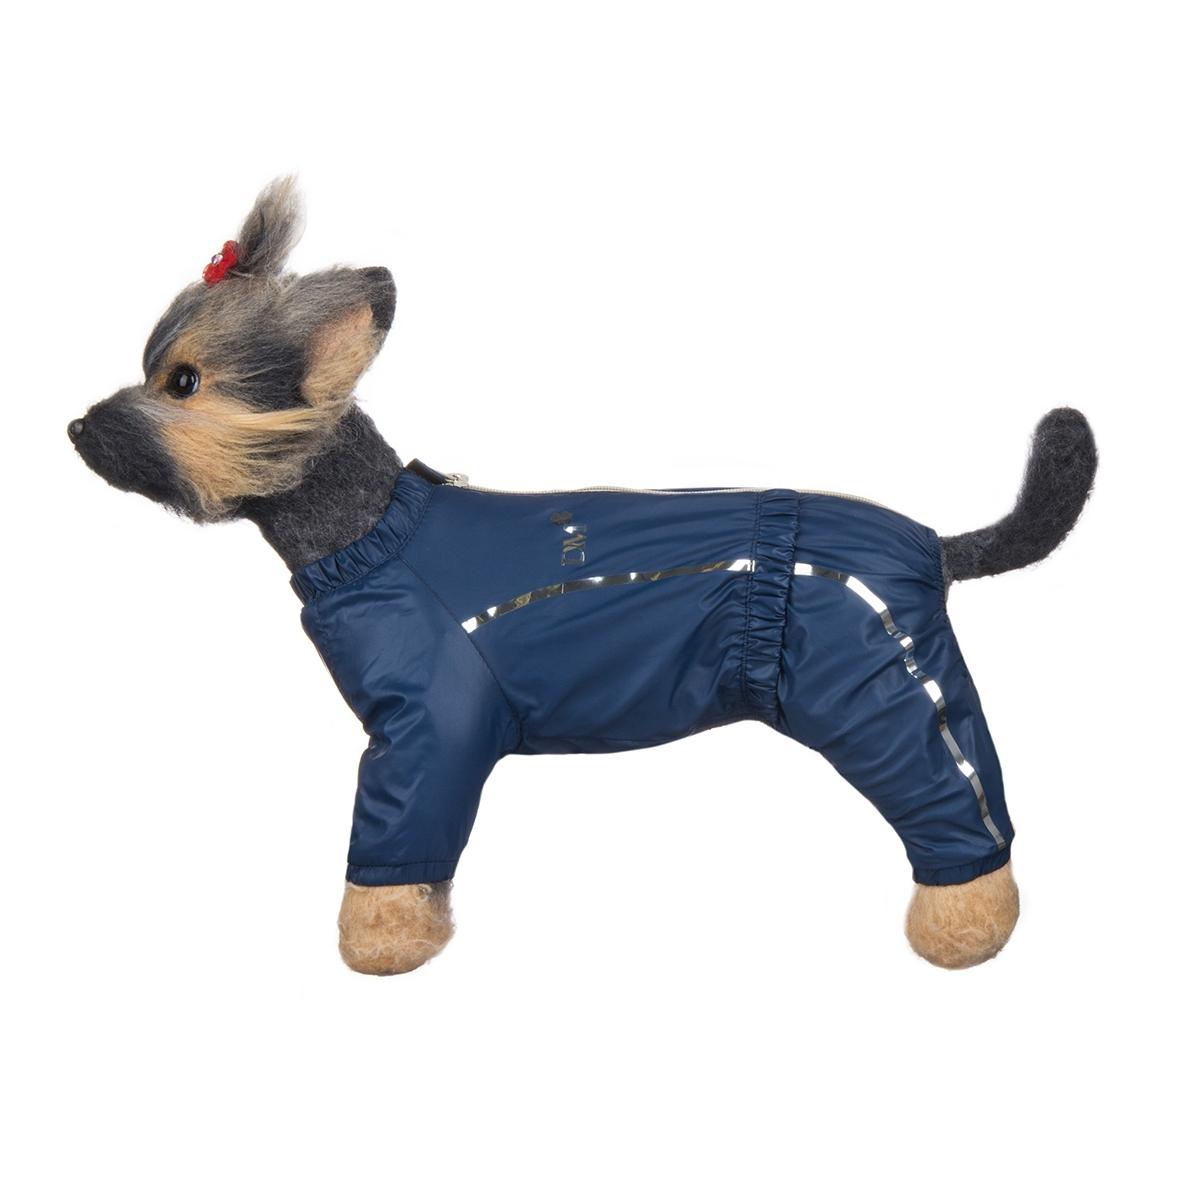 Комбинезон для собак Dogmoda Альпы, для мальчика, цвет: синий. Размер 4 (XL). DM-160101DM-160101-4_синийКомбинезон для собак Dogmoda Альпы отлично подойдет для прогулок поздней осенью или ранней весной. Комбинезон изготовлен из полиэстера, защищающего от ветра и осадков, с подкладкой из флиса, которая сохранит тепло и обеспечит отличный воздухообмен. Комбинезон застегивается на молнию и липучку, благодаря чему его легко надевать и снимать. Ворот, низ рукавов и брючин оснащены внутренними резинками, которые мягко обхватывают шею и лапки, не позволяя просачиваться холодному воздуху. На пояснице имеется внутренняя резинка. Изделие декорировано золотистыми полосками и надписью DM. Благодаря такому комбинезону простуда не грозит вашему питомцу и он не даст любимцу продрогнуть на прогулке. Длина по спинке: 32 см. Объем груди: 52 см. Обхват шеи: 33 см.